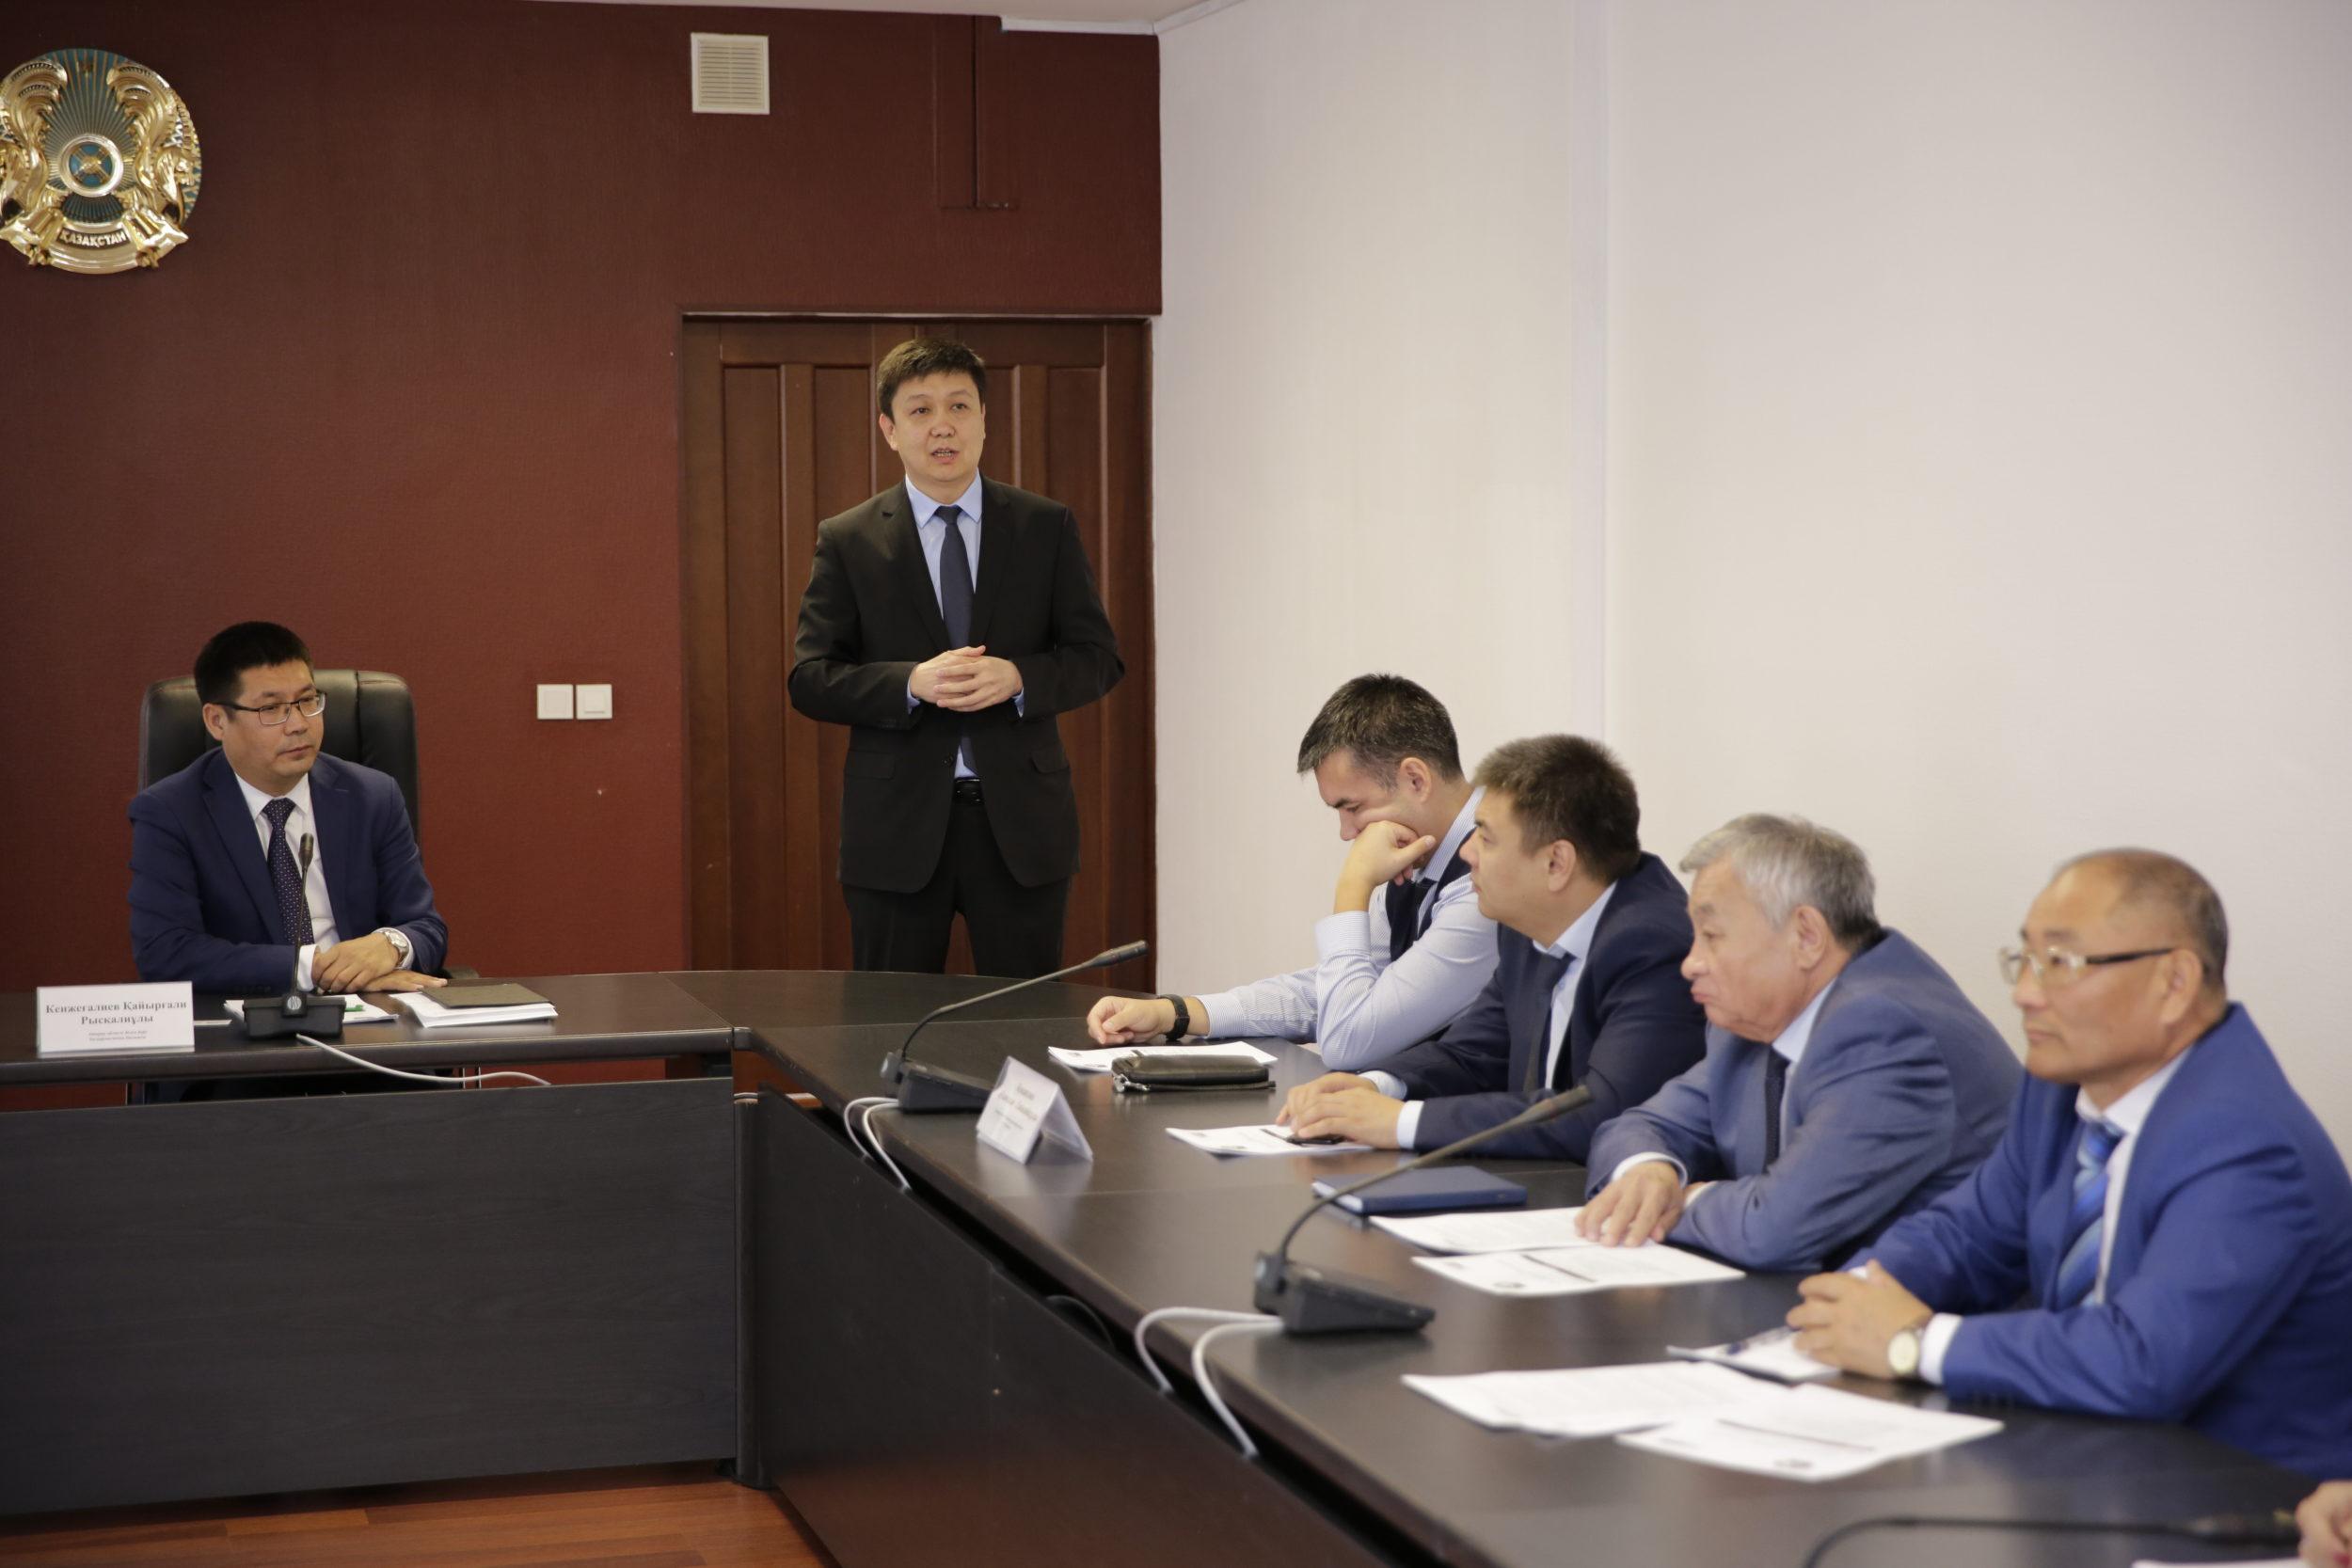 Атырау облысының құрылыс инвесторлары